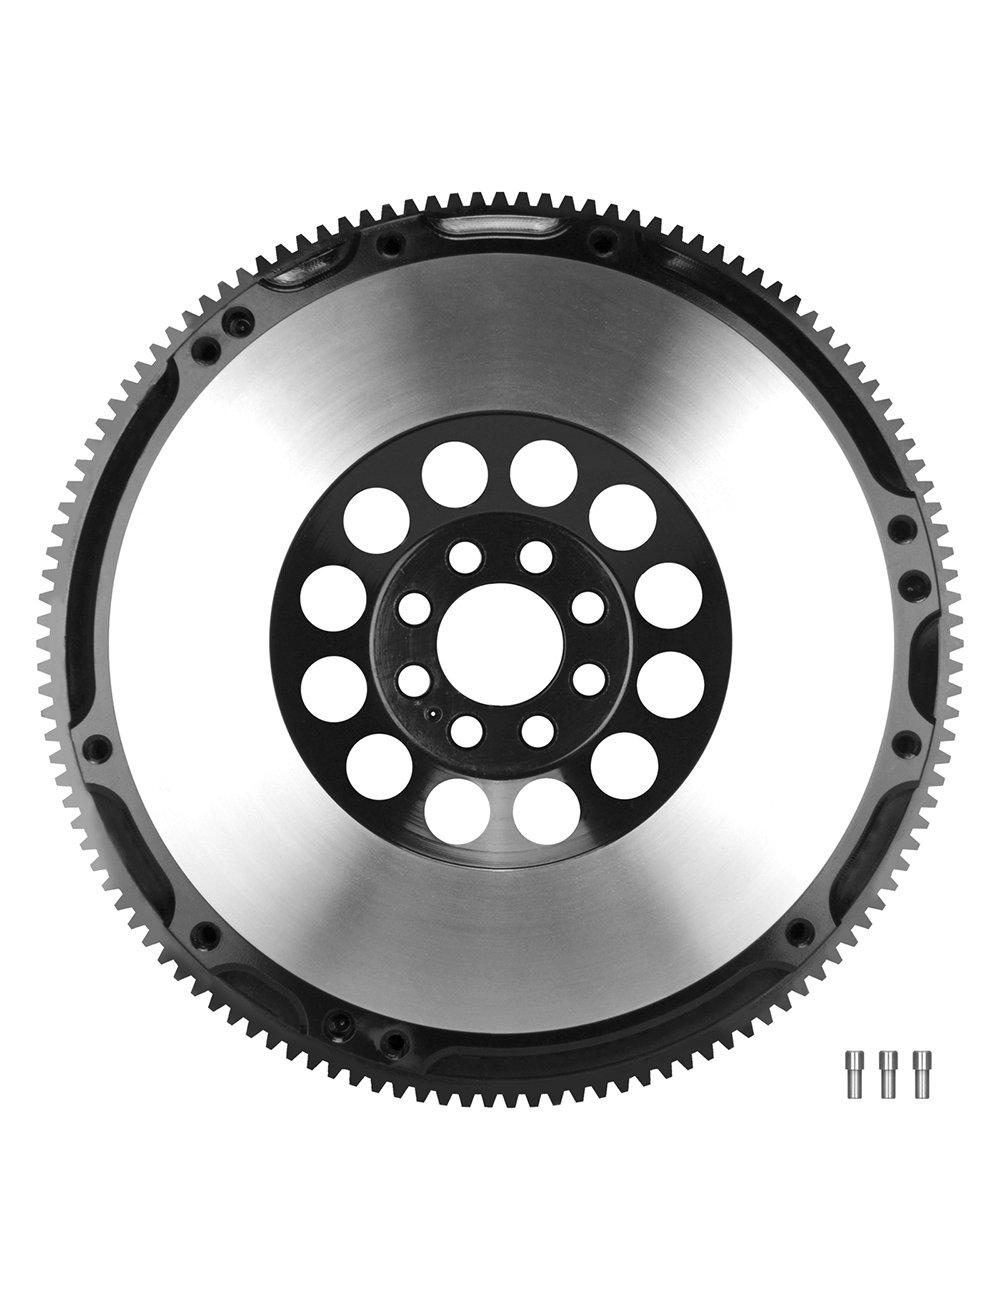 Clutch Flywheel For Nissan 350Z